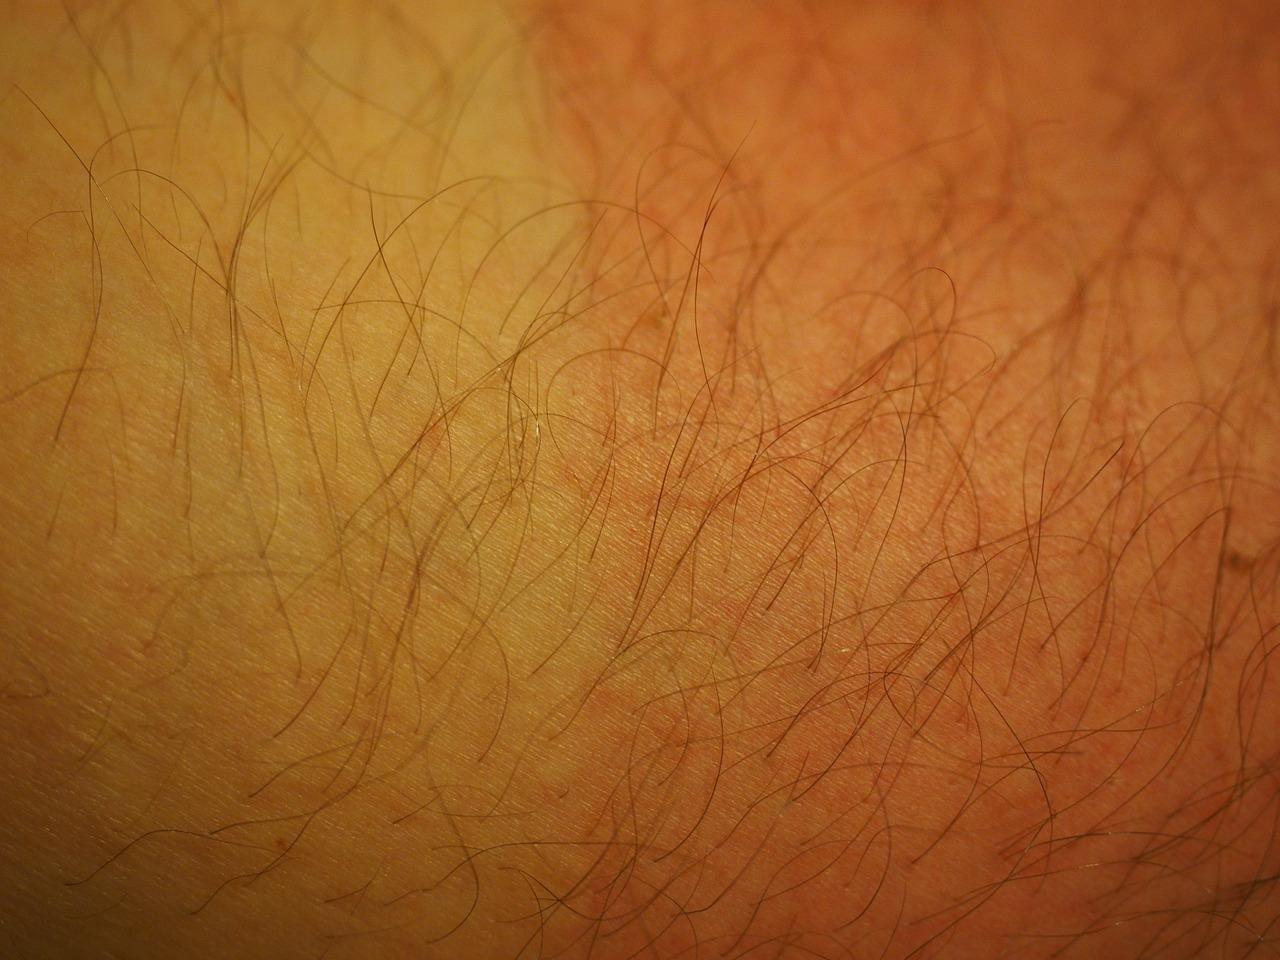 Atenţie: Patru simptome care anunţă cancer de piele – ce dezvăluie cercetatorii